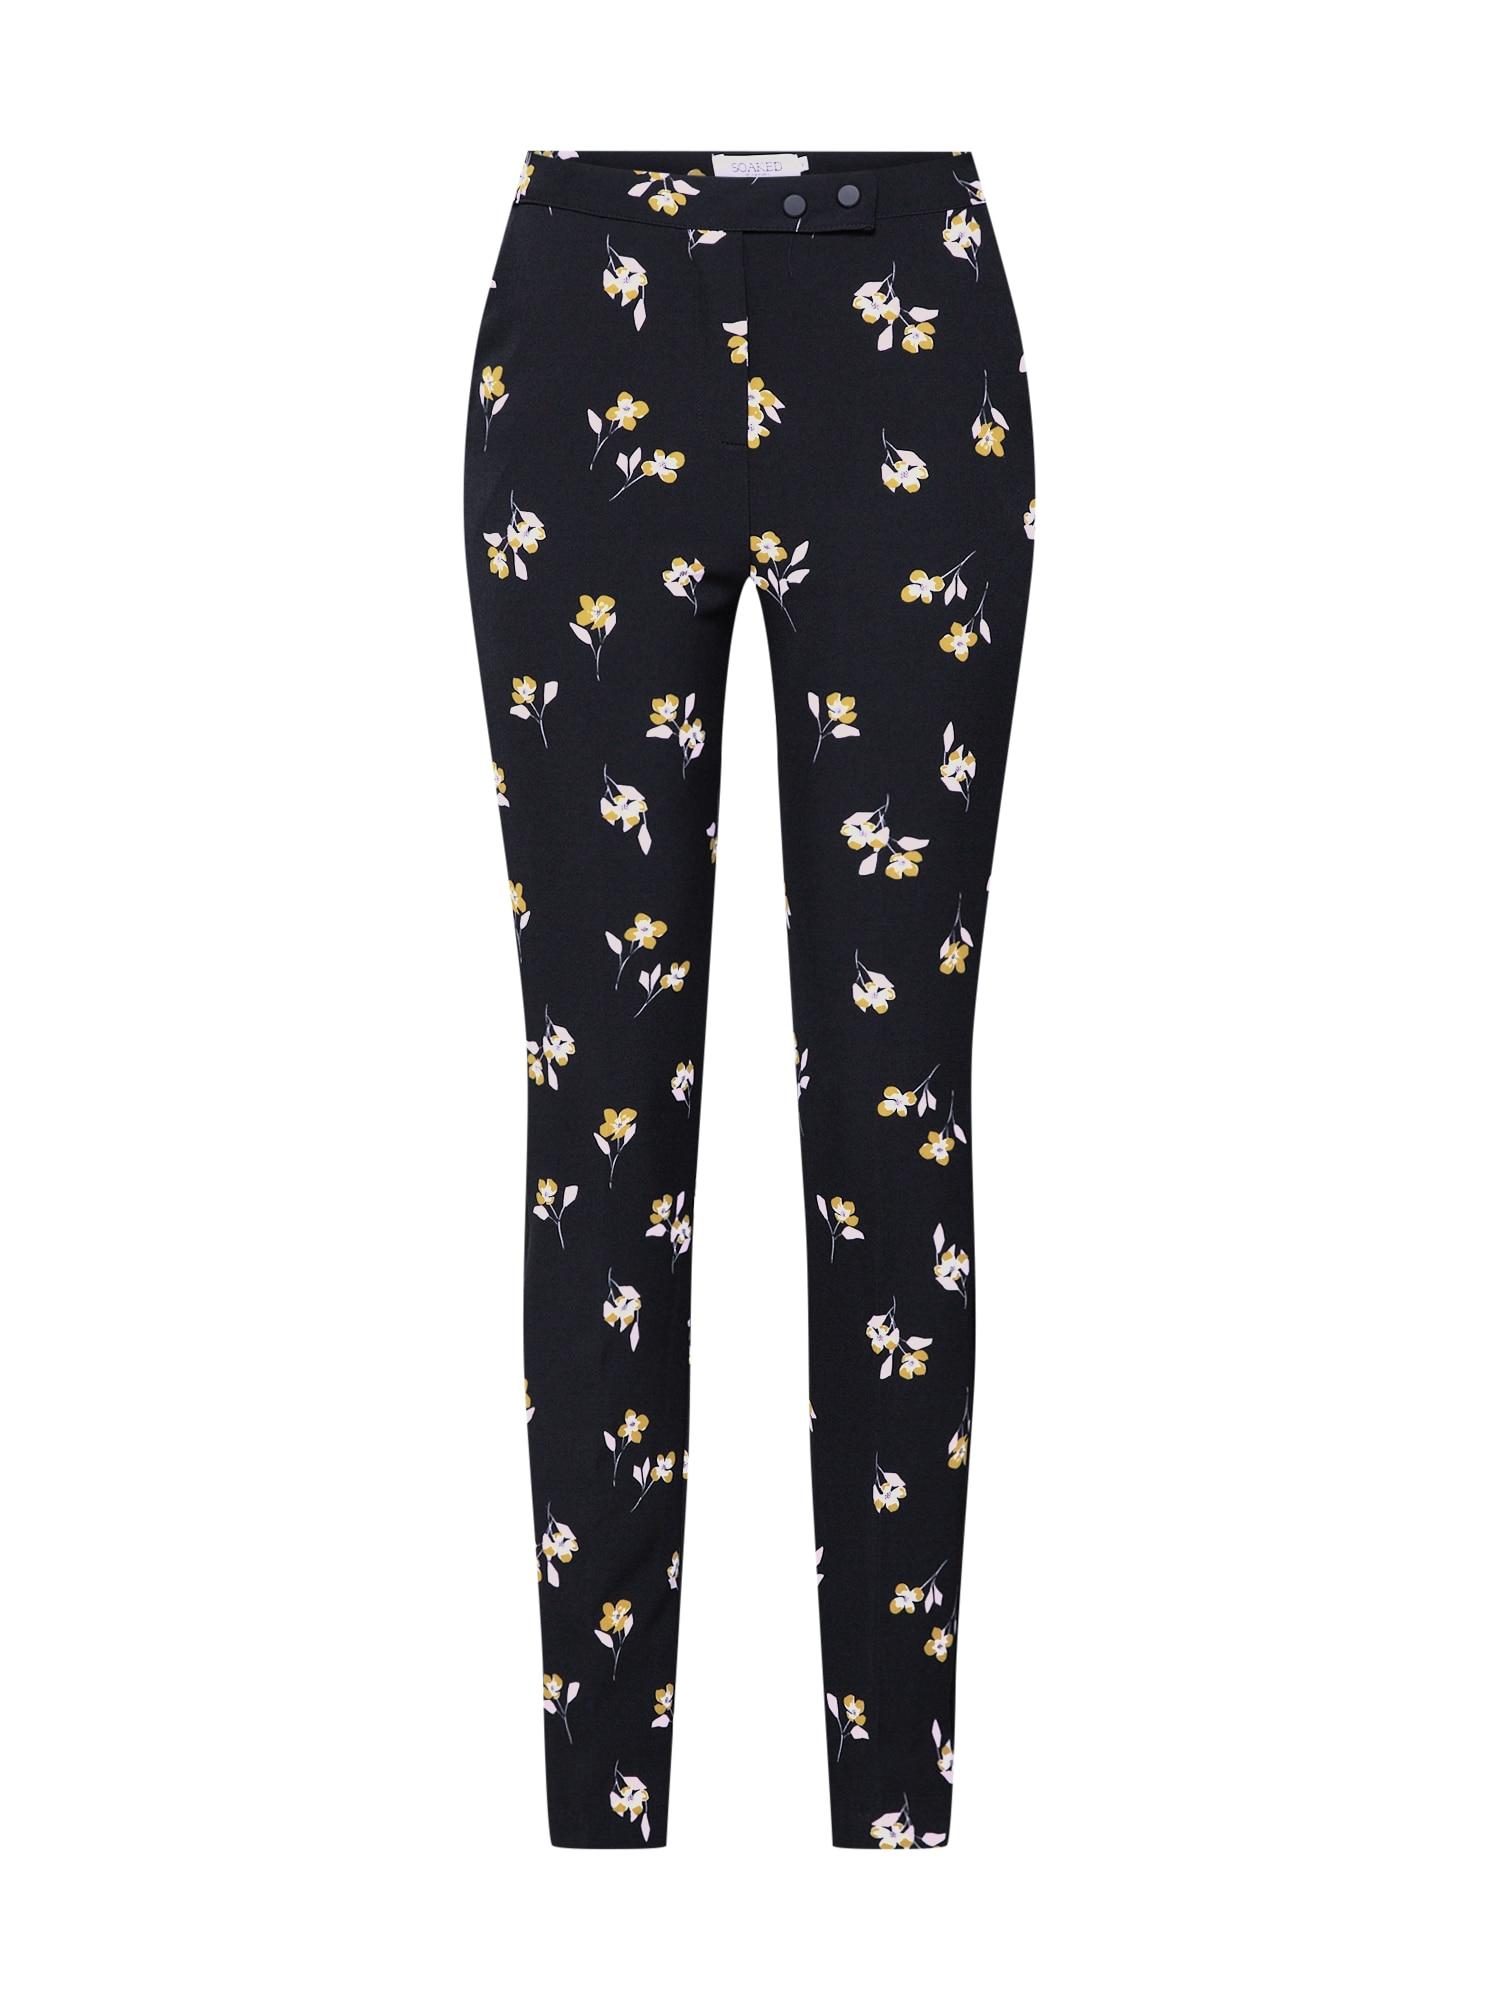 Kalhoty Lexi Pants žlutá pink černá SOAKED IN LUXURY